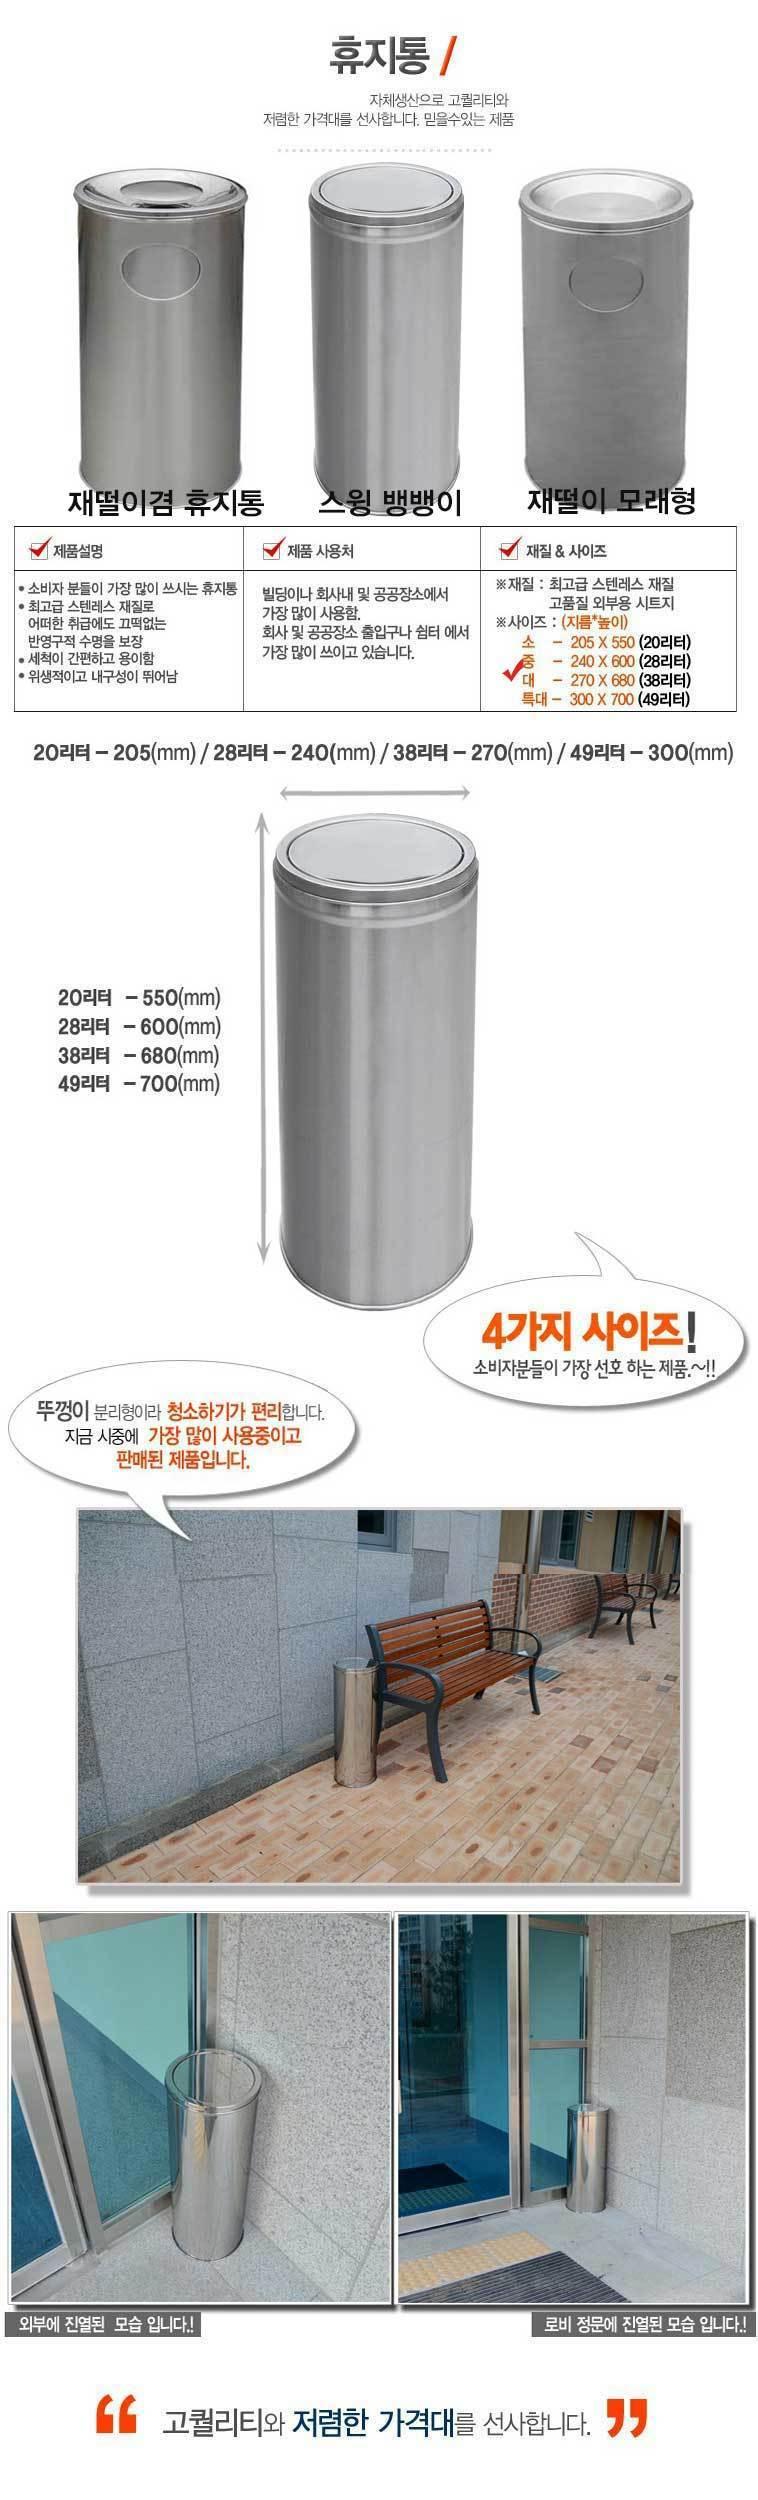 뱅뱅이 재떨이휴지통 재떨이모래형 업소용스텐휴지통 38리터